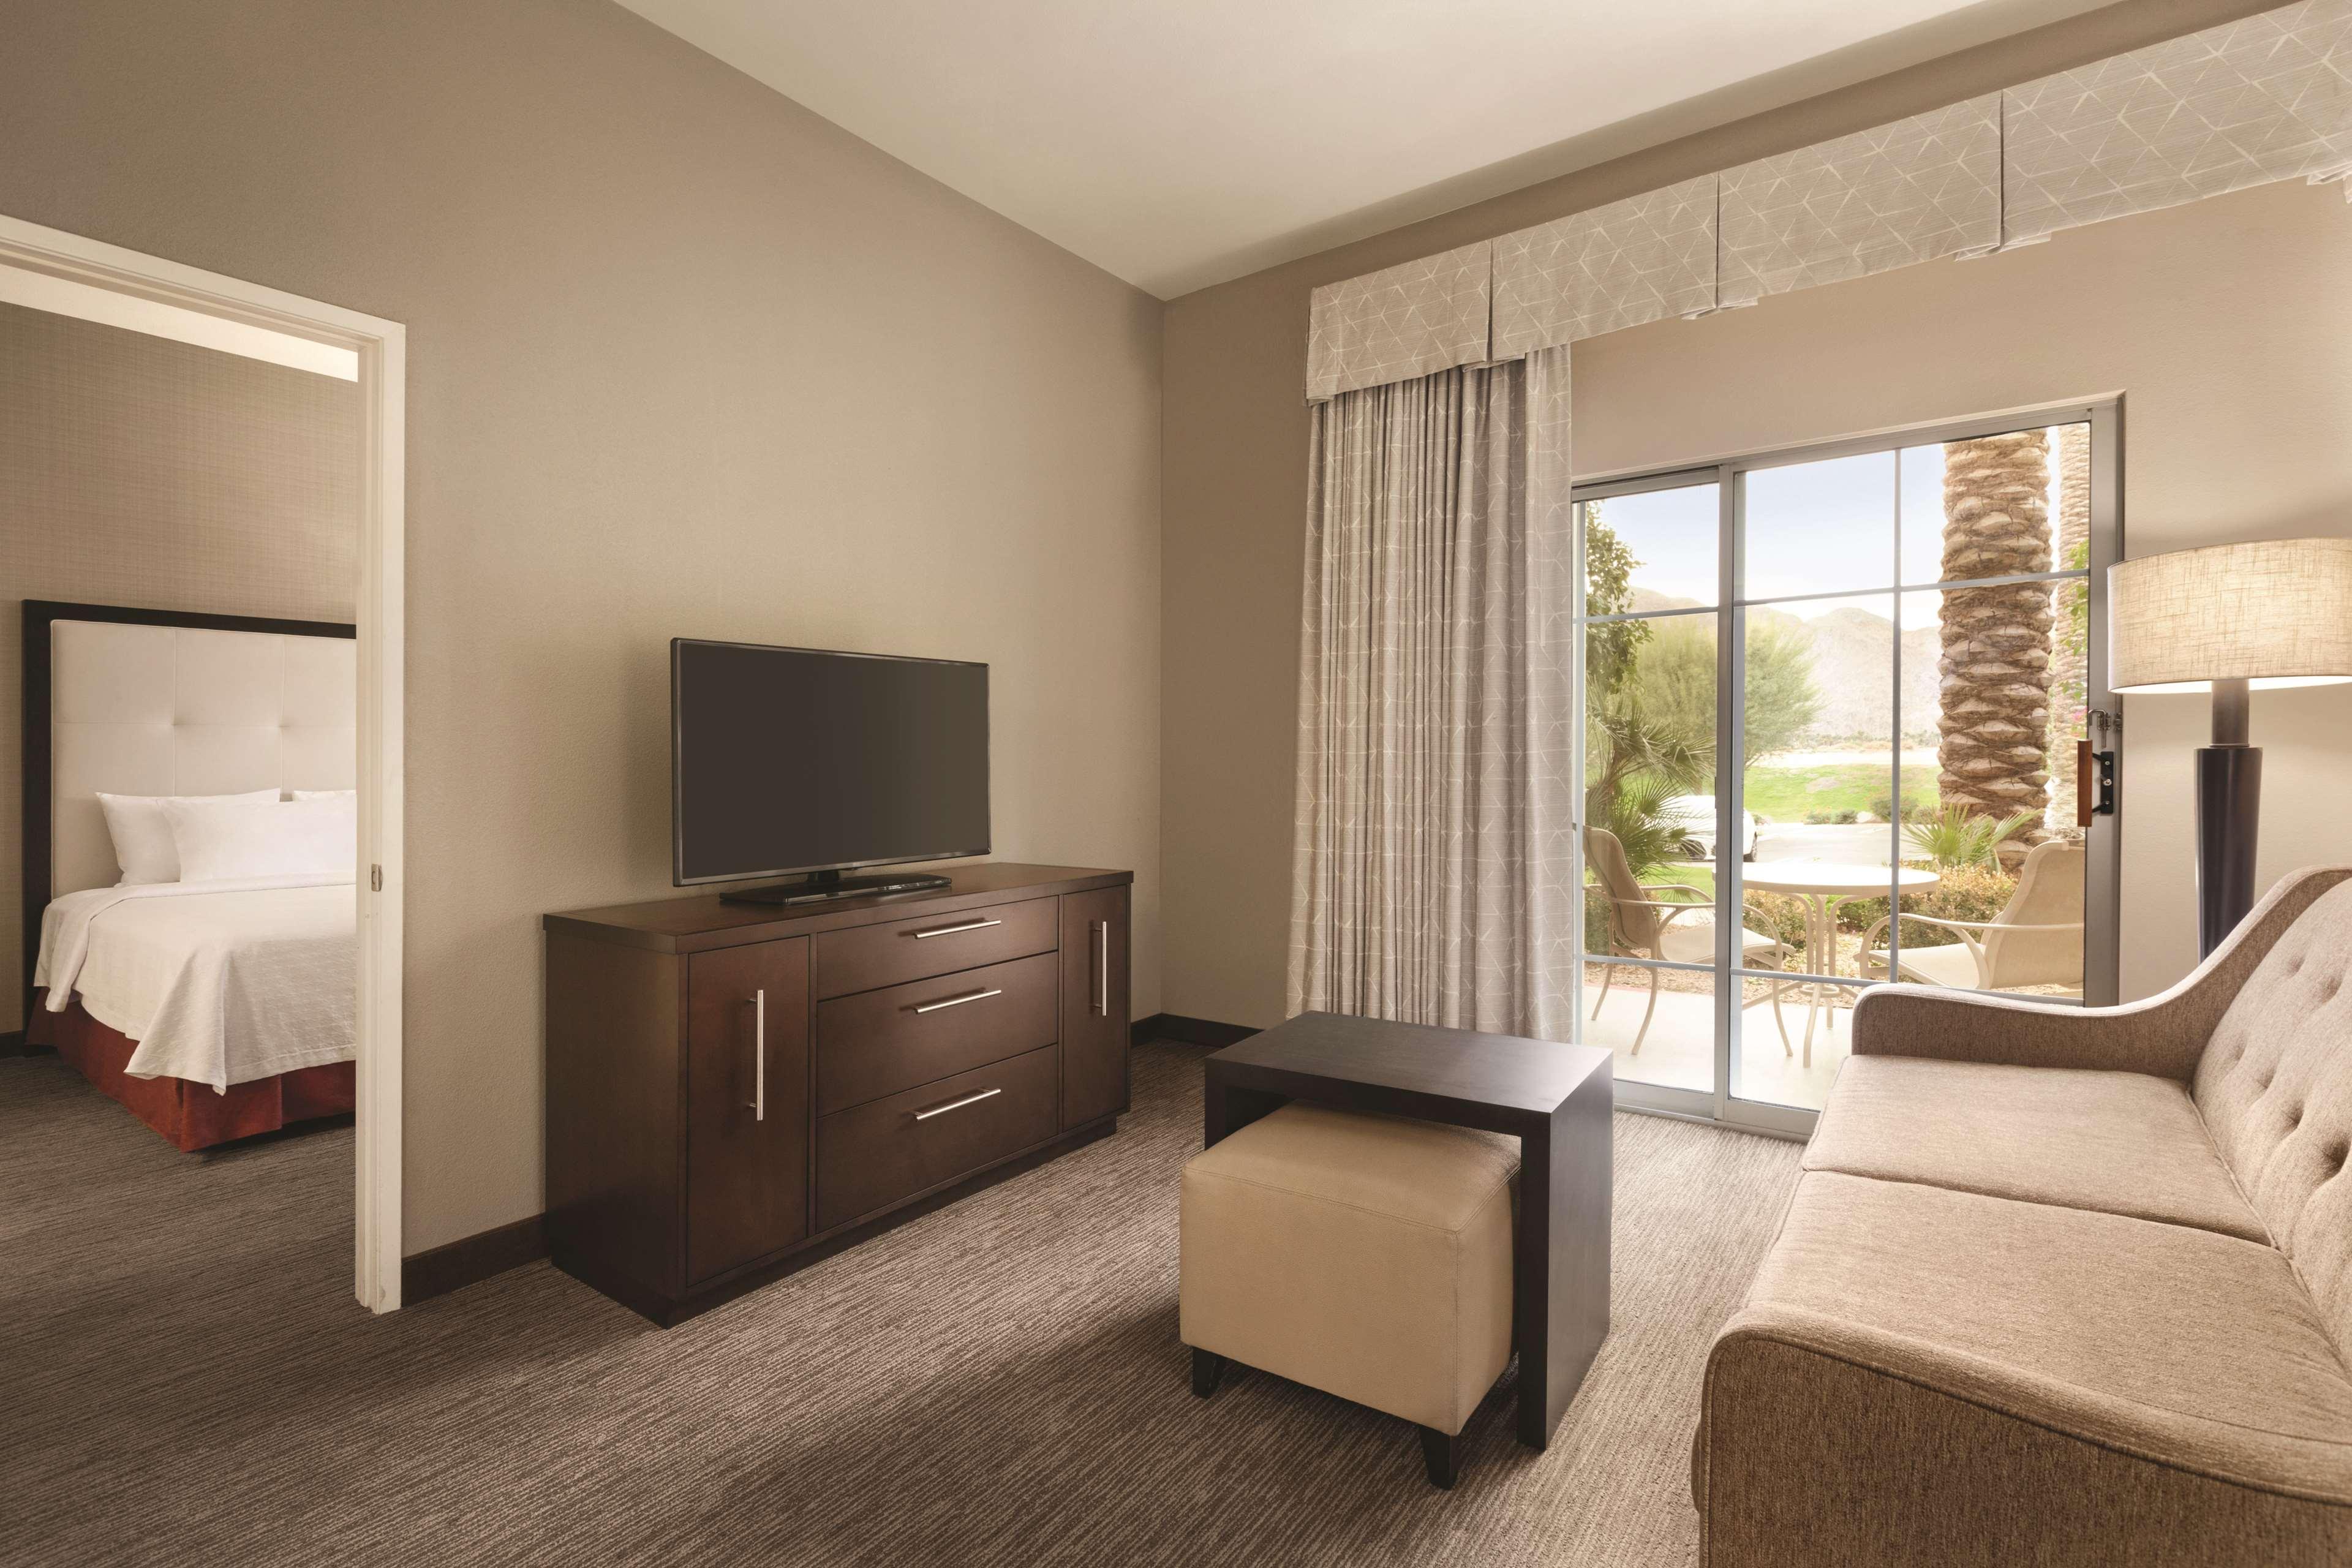 Homewood Suites by Hilton La Quinta image 18